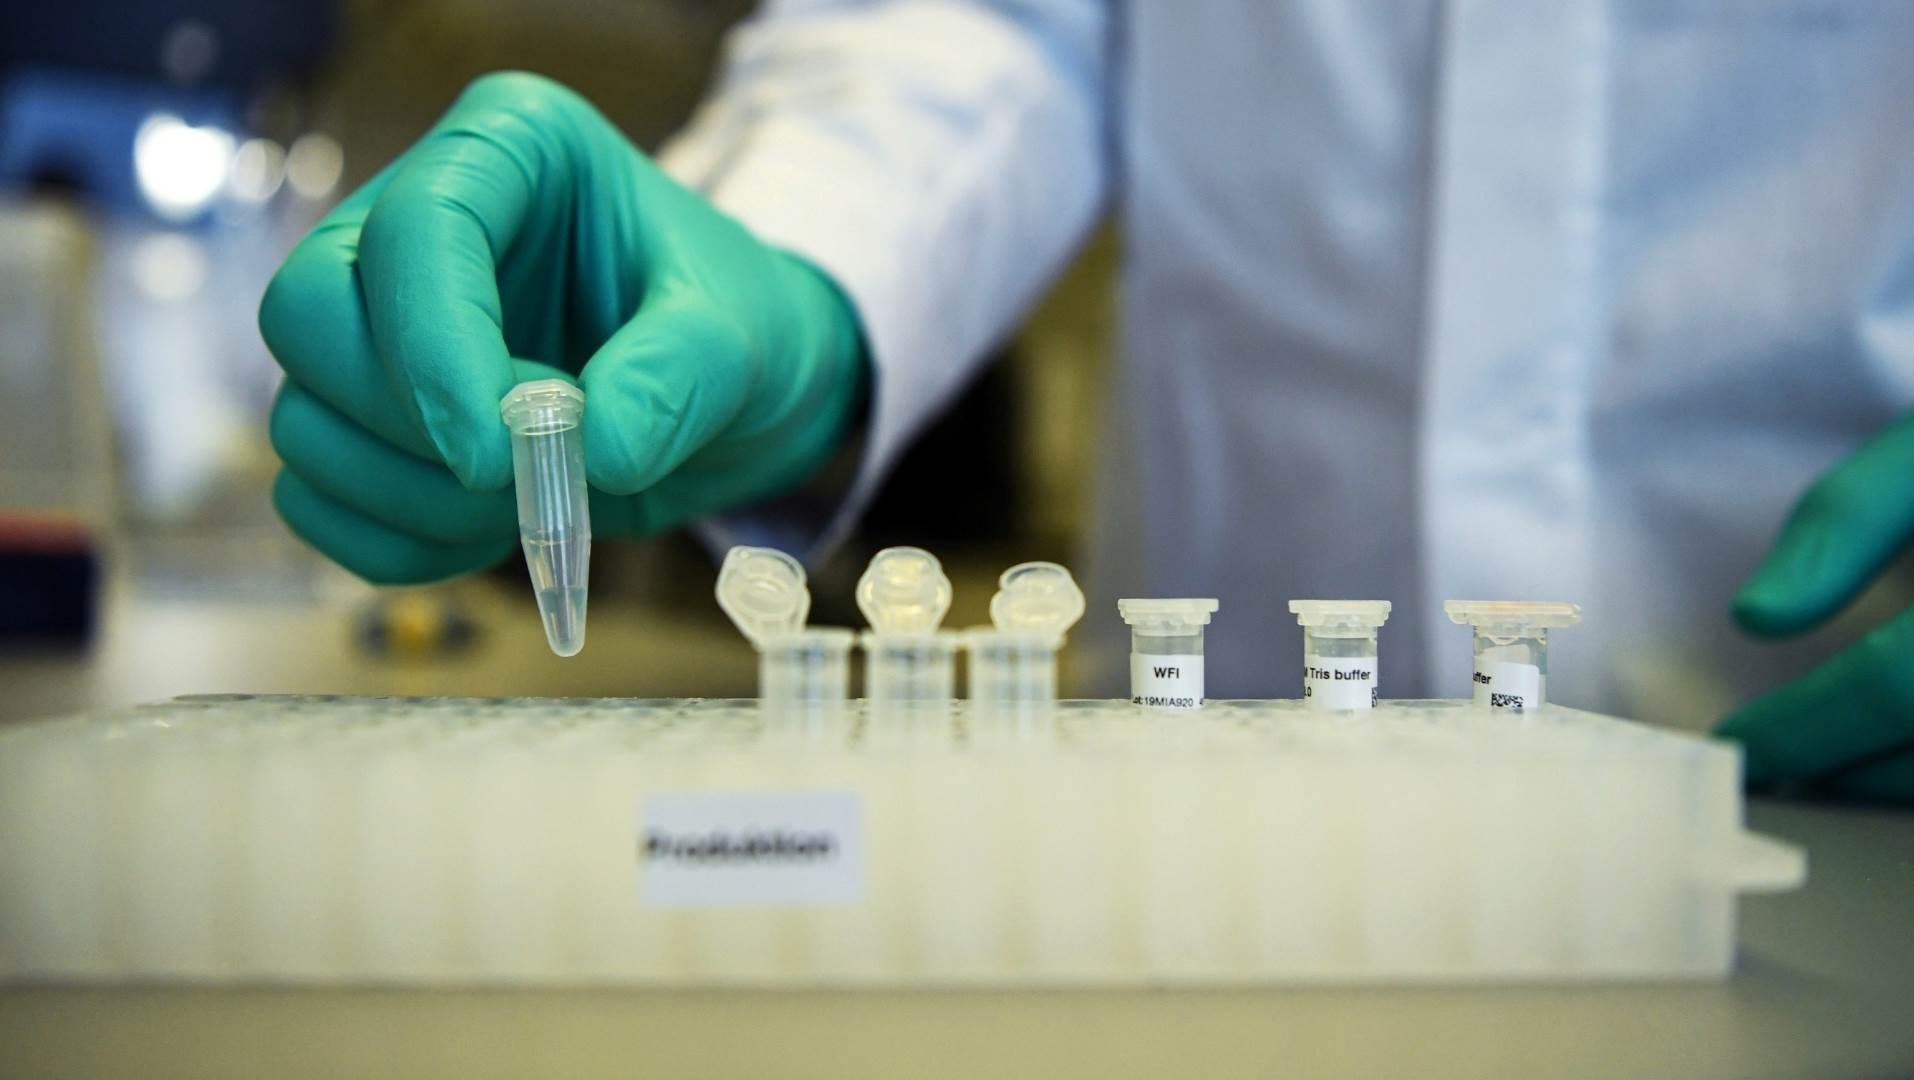 تطور جامعة أكسفورد لقاحا يصنّف بين أكثر مشاريع اللقاحات الواعدة في العالم